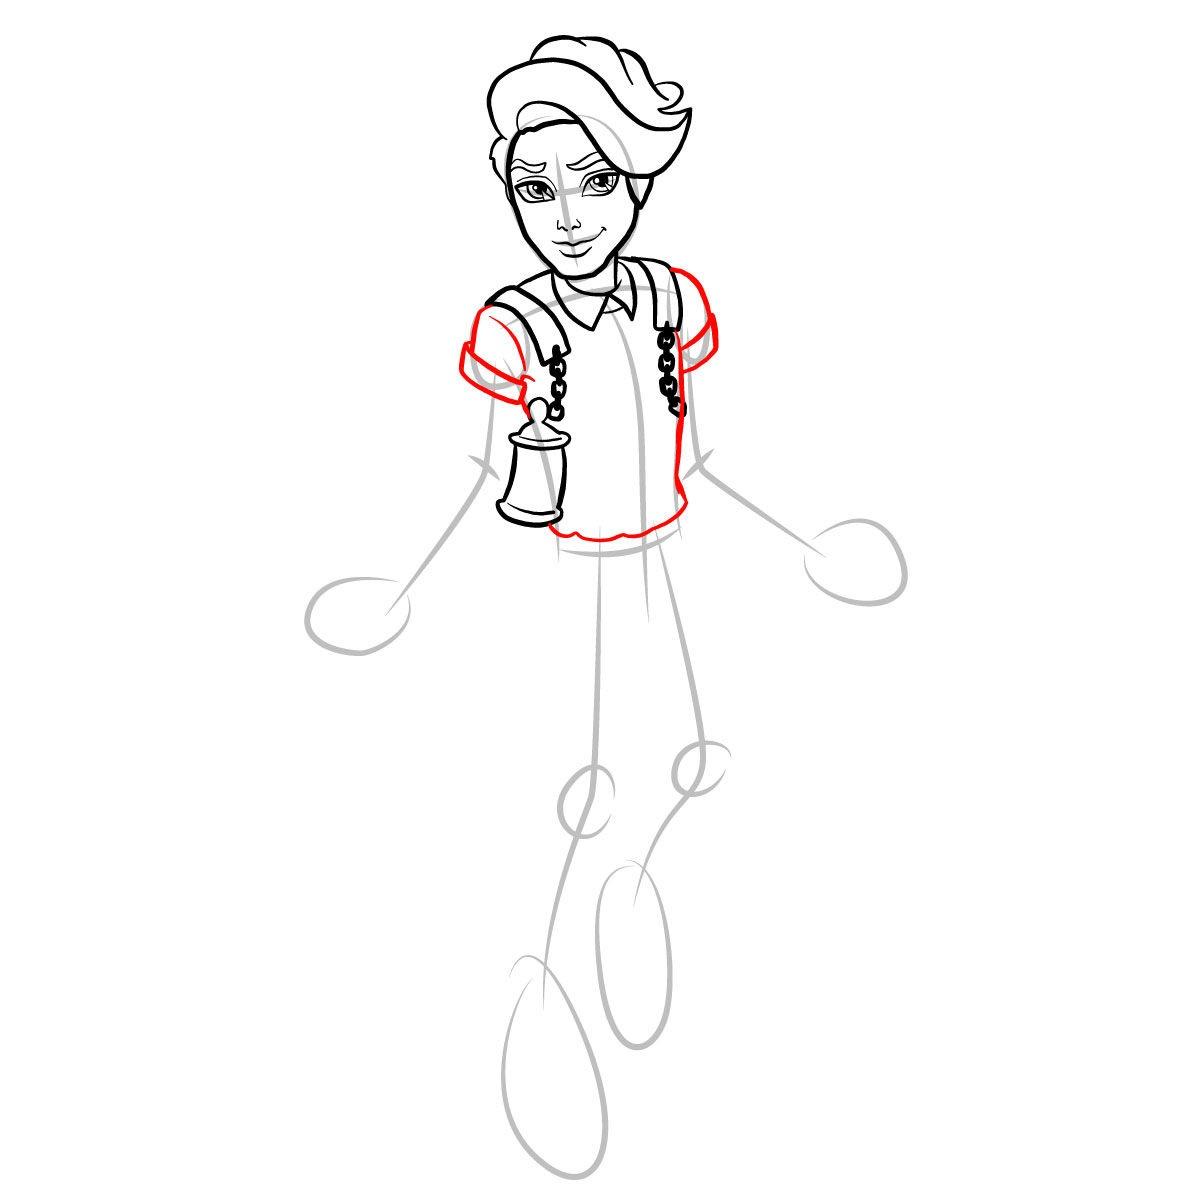 Как нарисовать Портера Гейсса 9